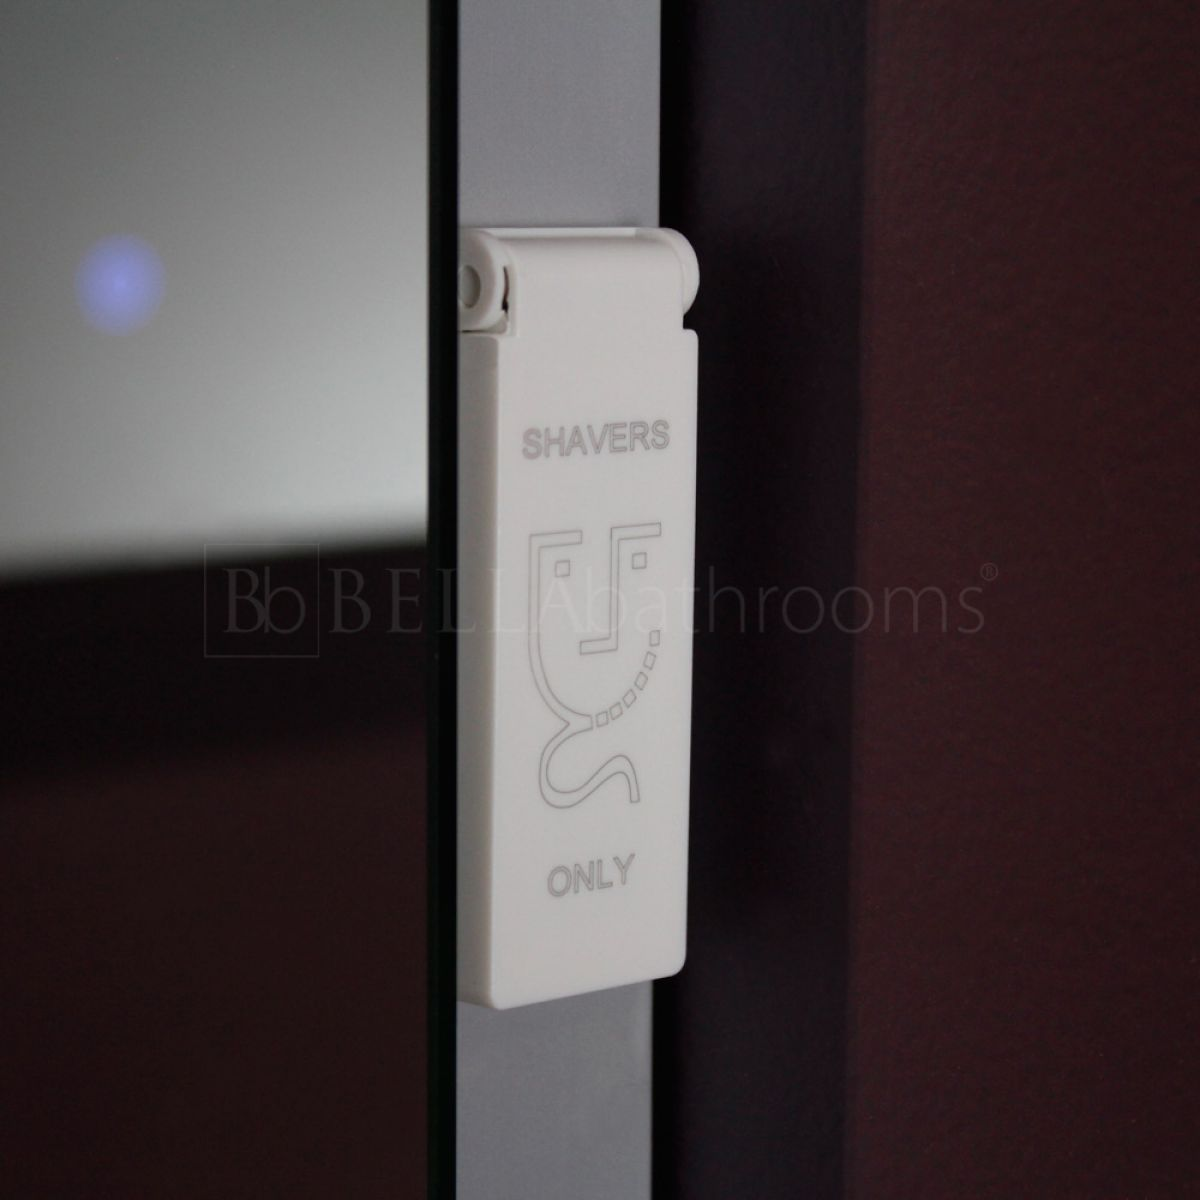 Cassellie Iridium LED Universal Bathroom Mirror Shaver Socket